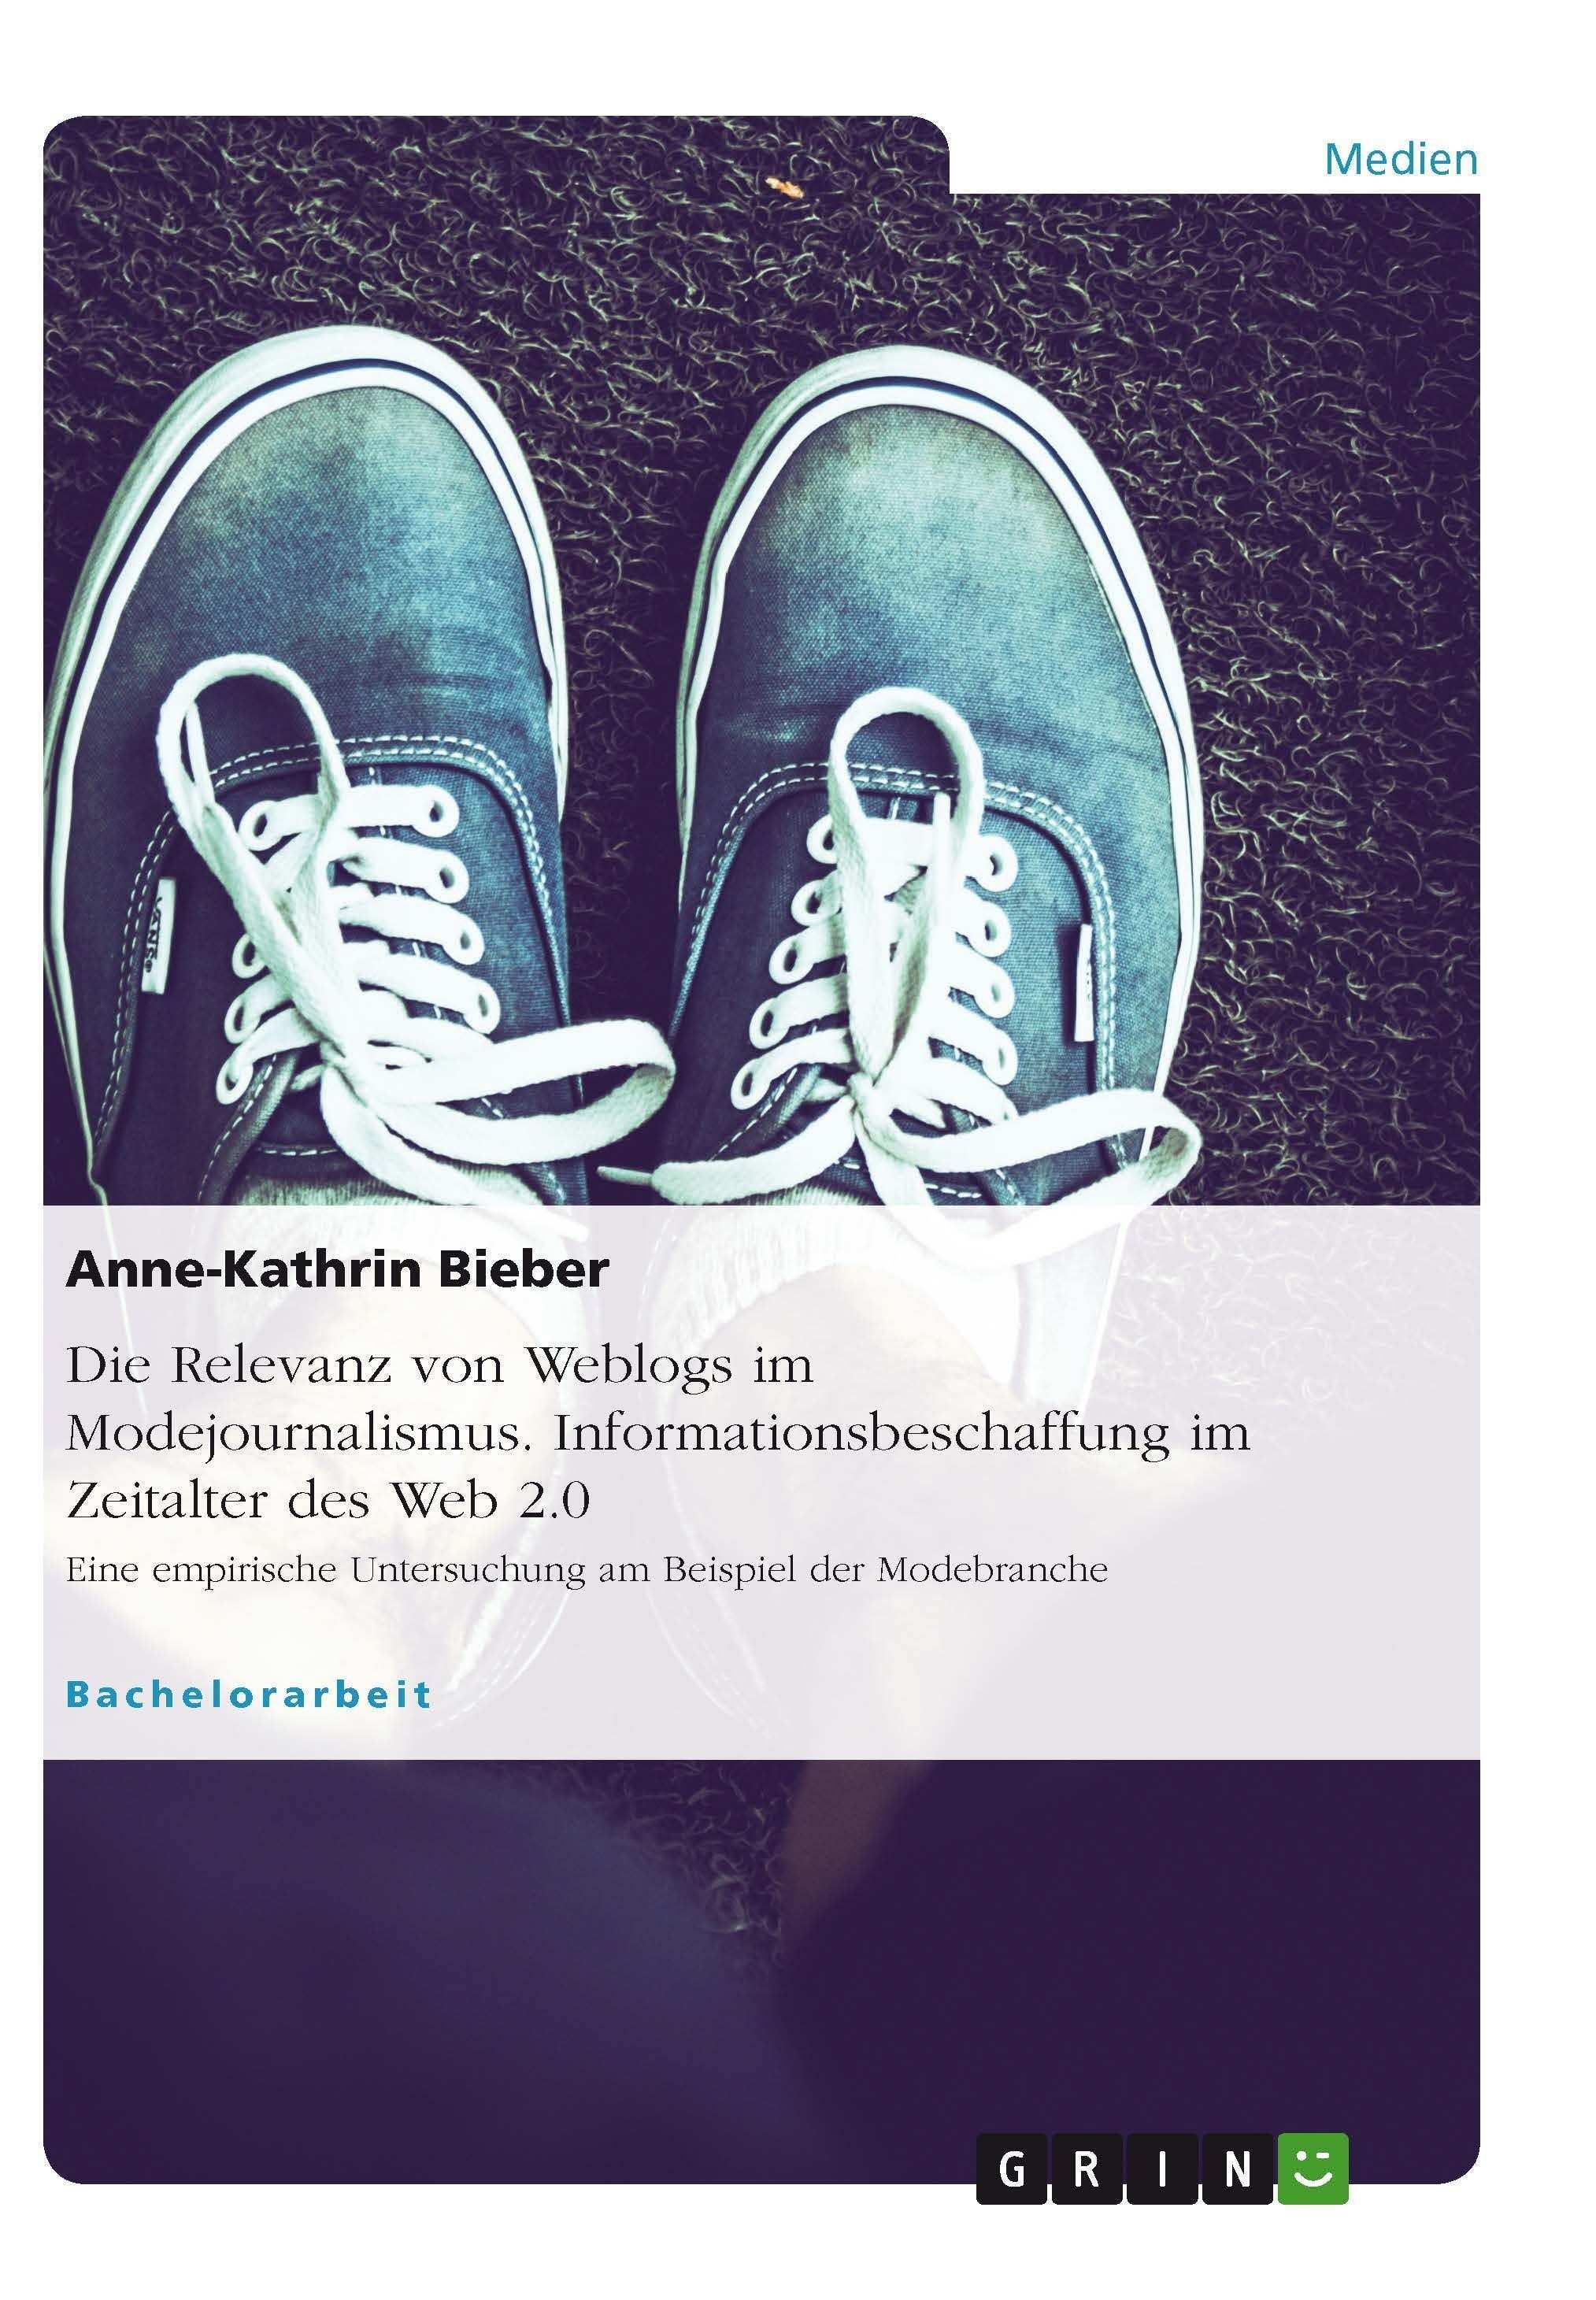 Die Relevanz Von Weblogs Im Modejournalismus Informationsbeschaffung Im Zeitalter Des Web 2 0 Grin Http Grin To Qfeoc Amazon Htt Journalismus Mode Medien